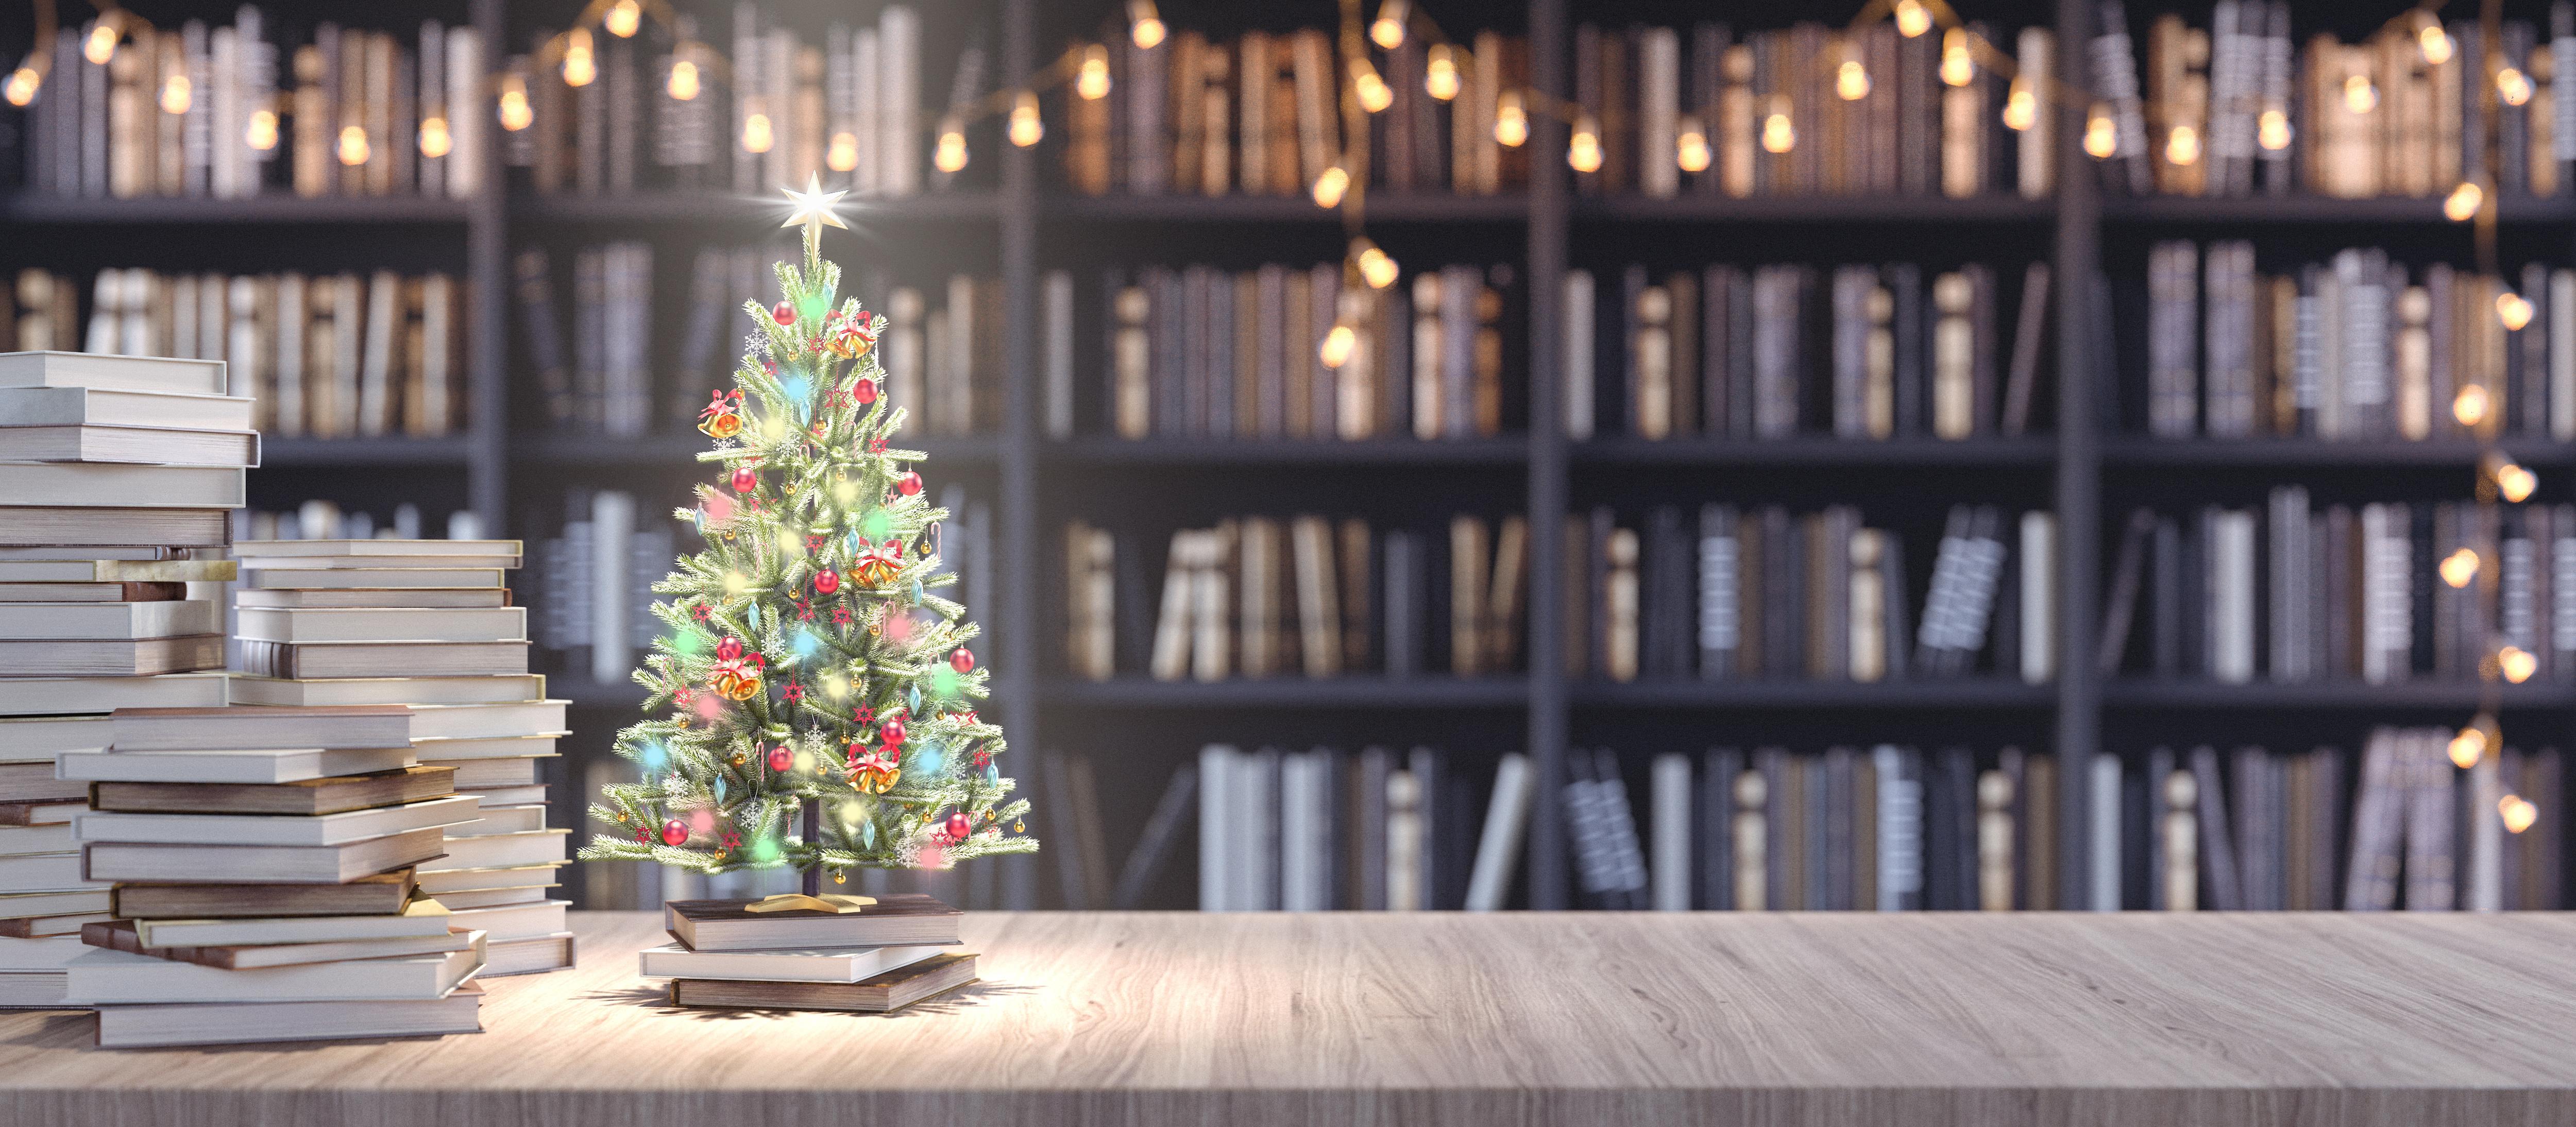 4 Christmas Study Tips